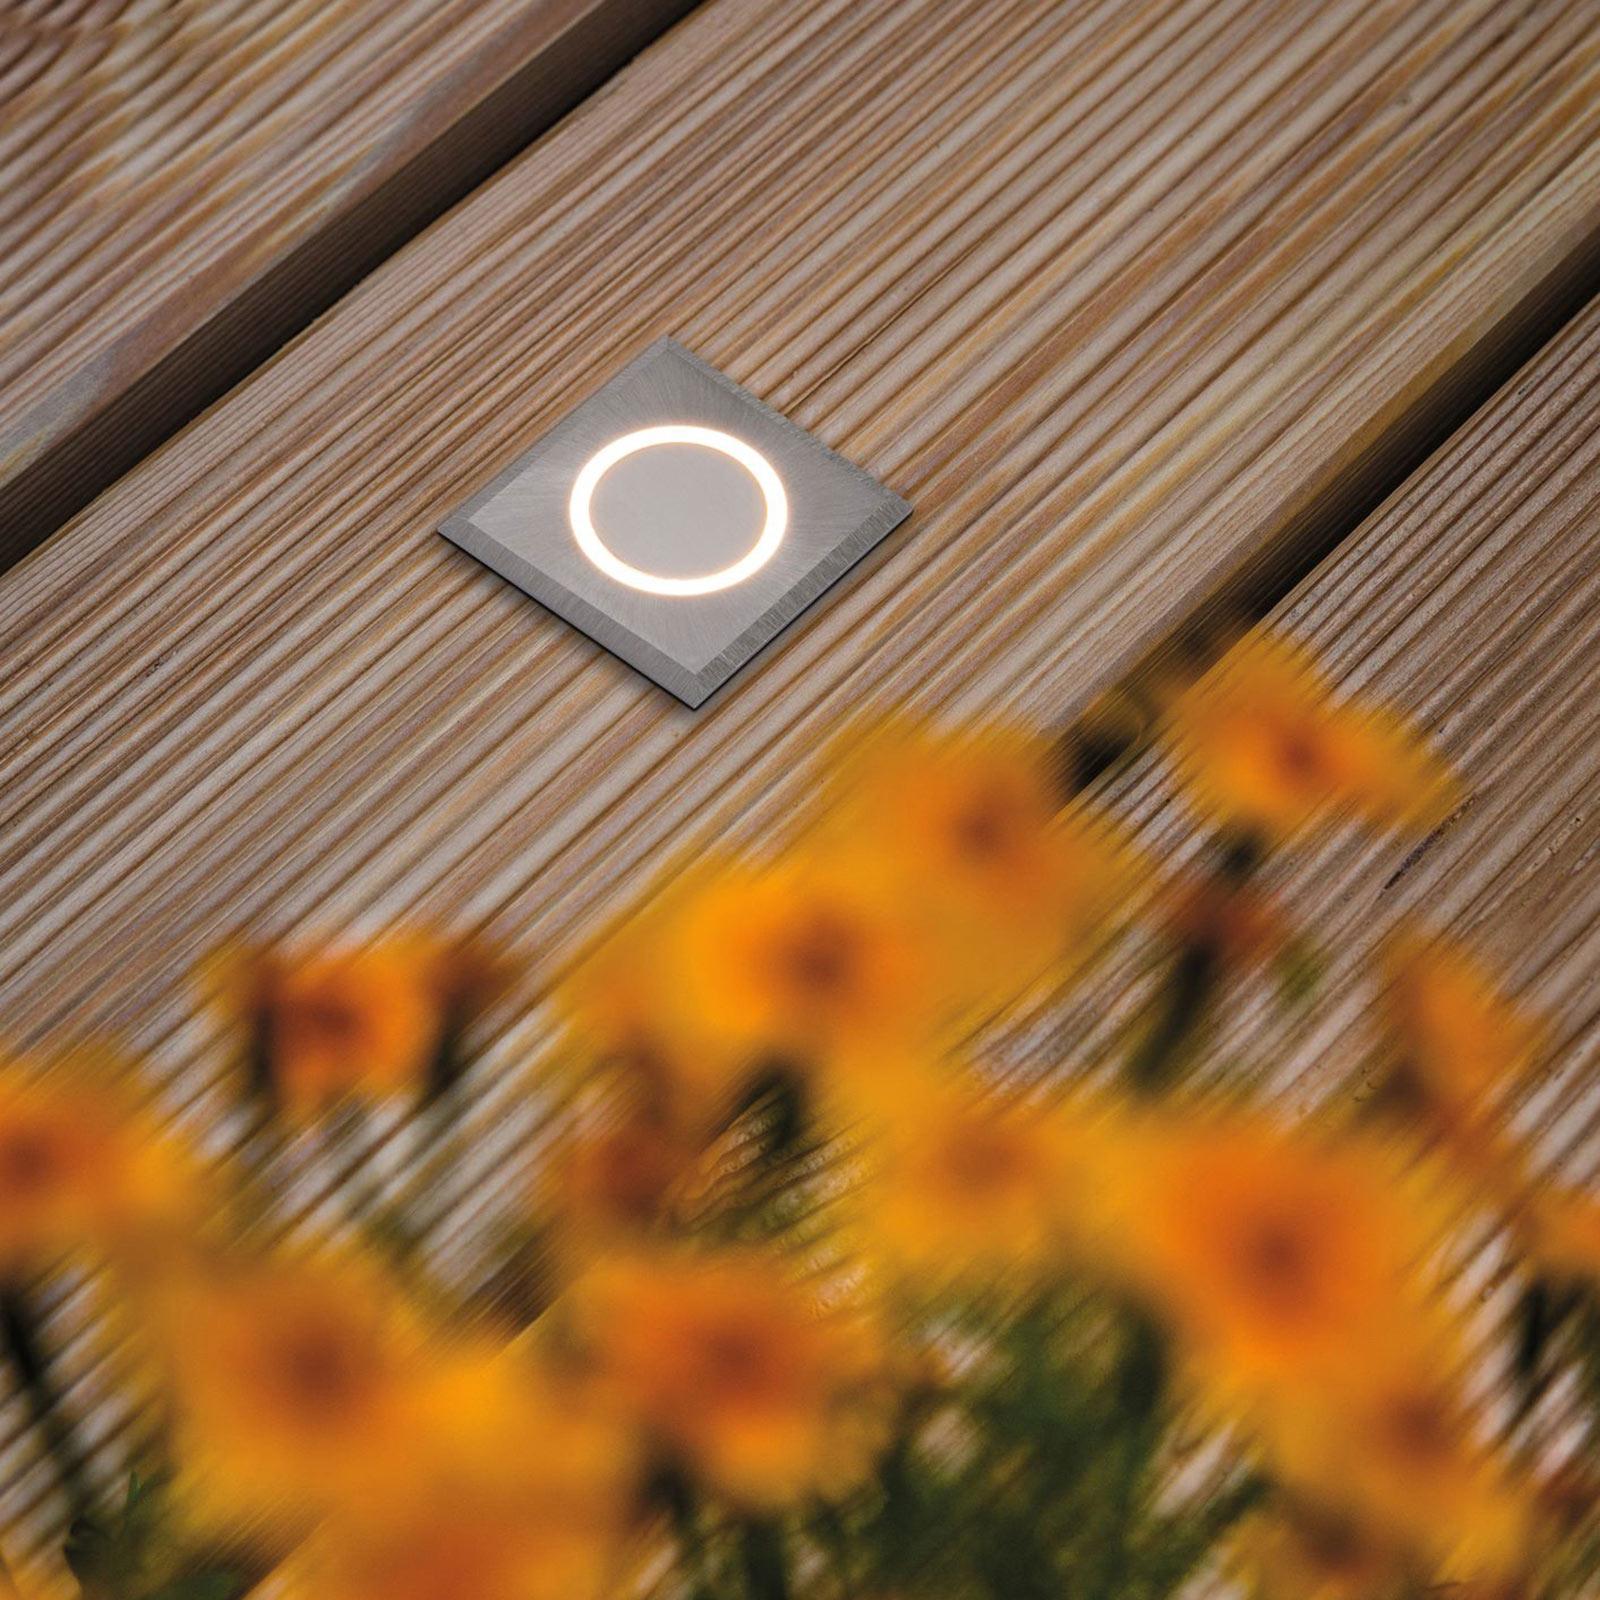 Paulmann House Bodeneinbauleuchte IP65 eckig Ring